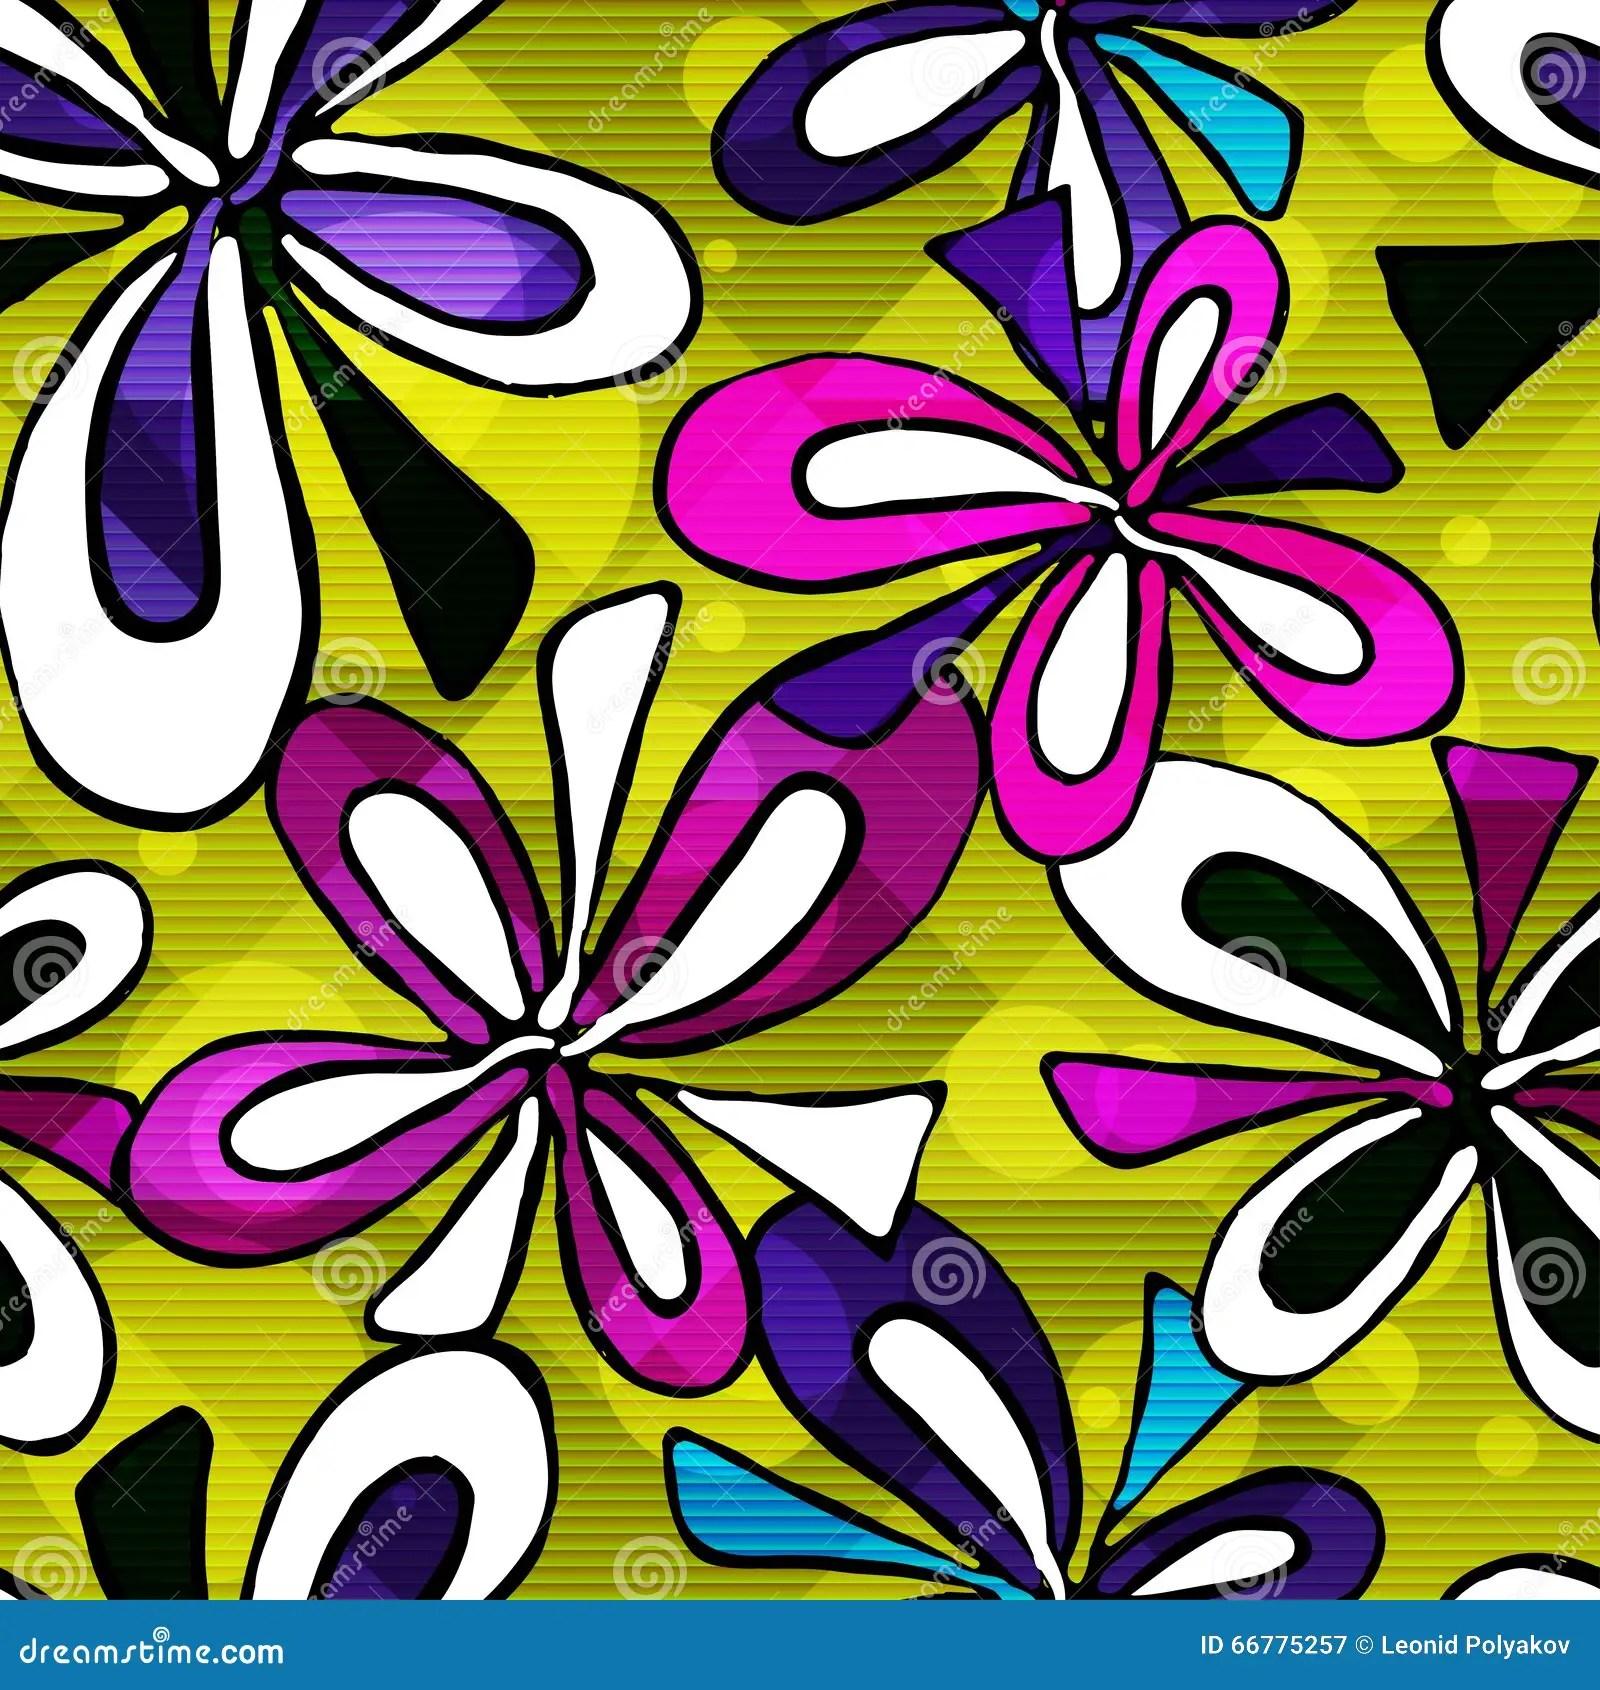 Beautiful Psychedelic Graffiti Flowers Seamless Background